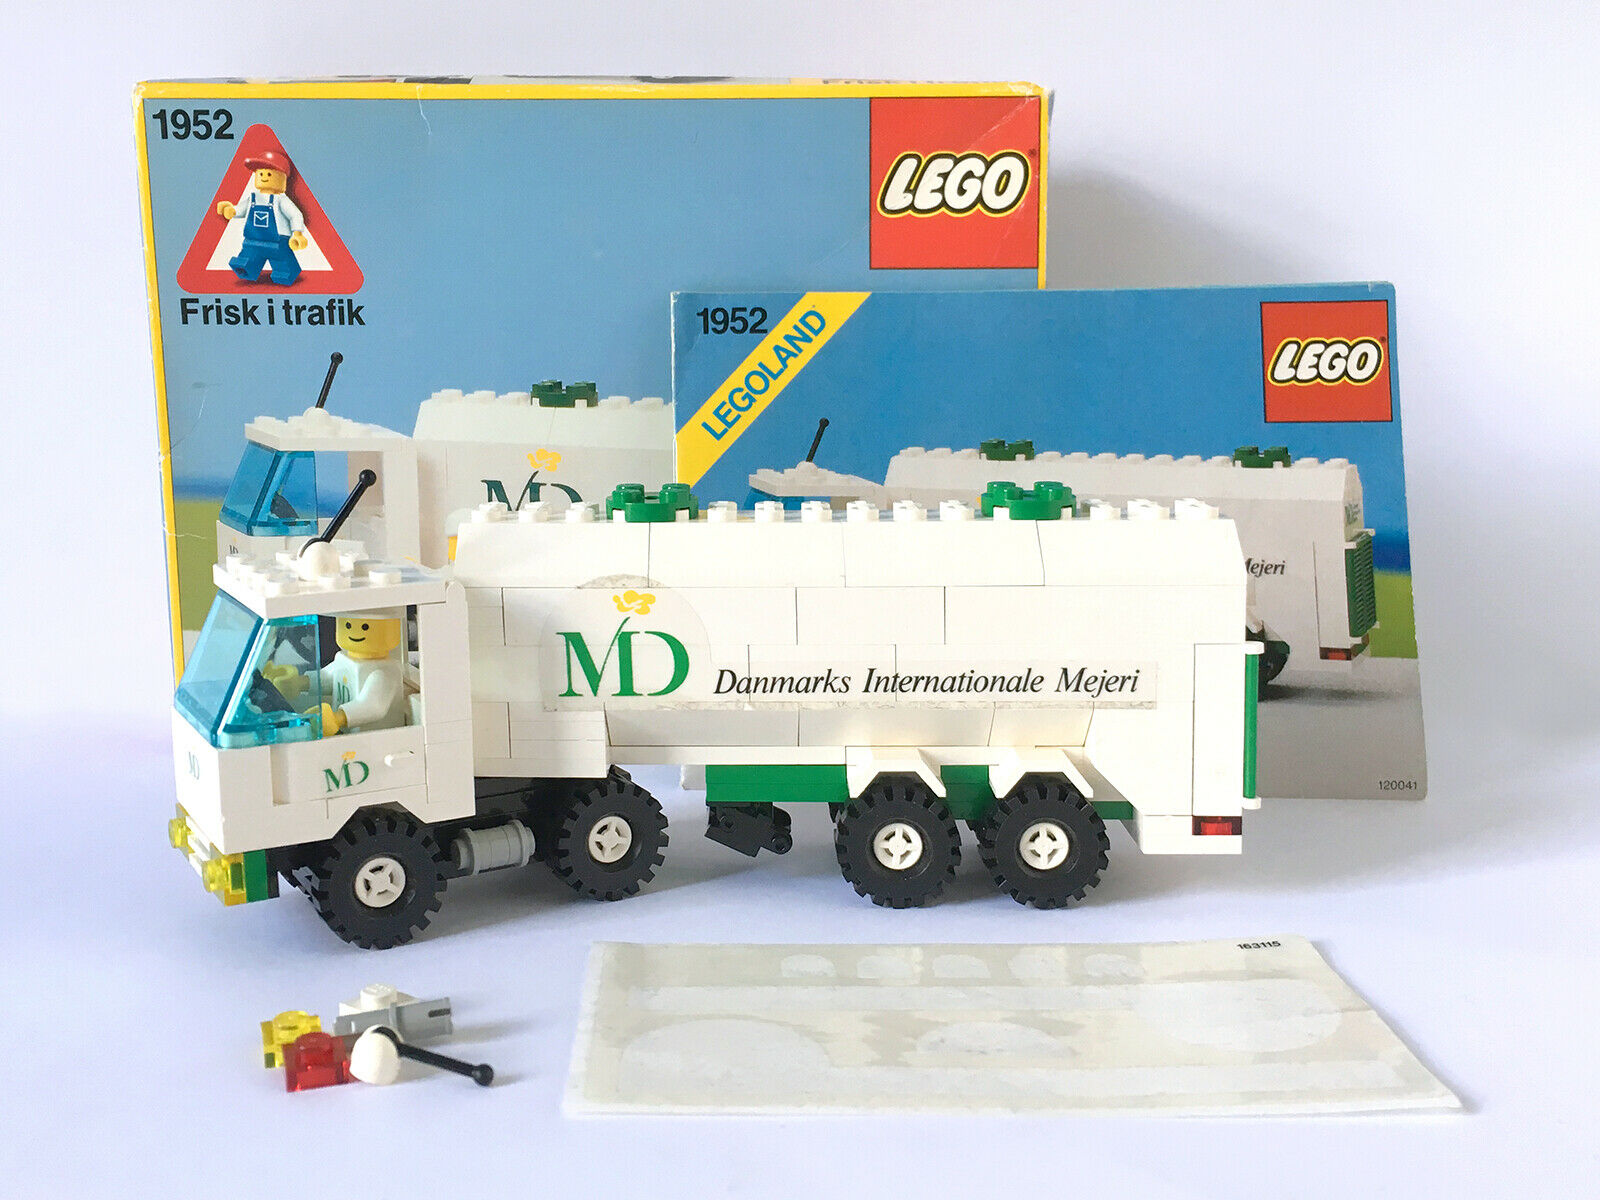 LEGO Ville 1952 produits laitiers pétrolier (MD Food) (1989) en boîte, instructions, complet, RARE